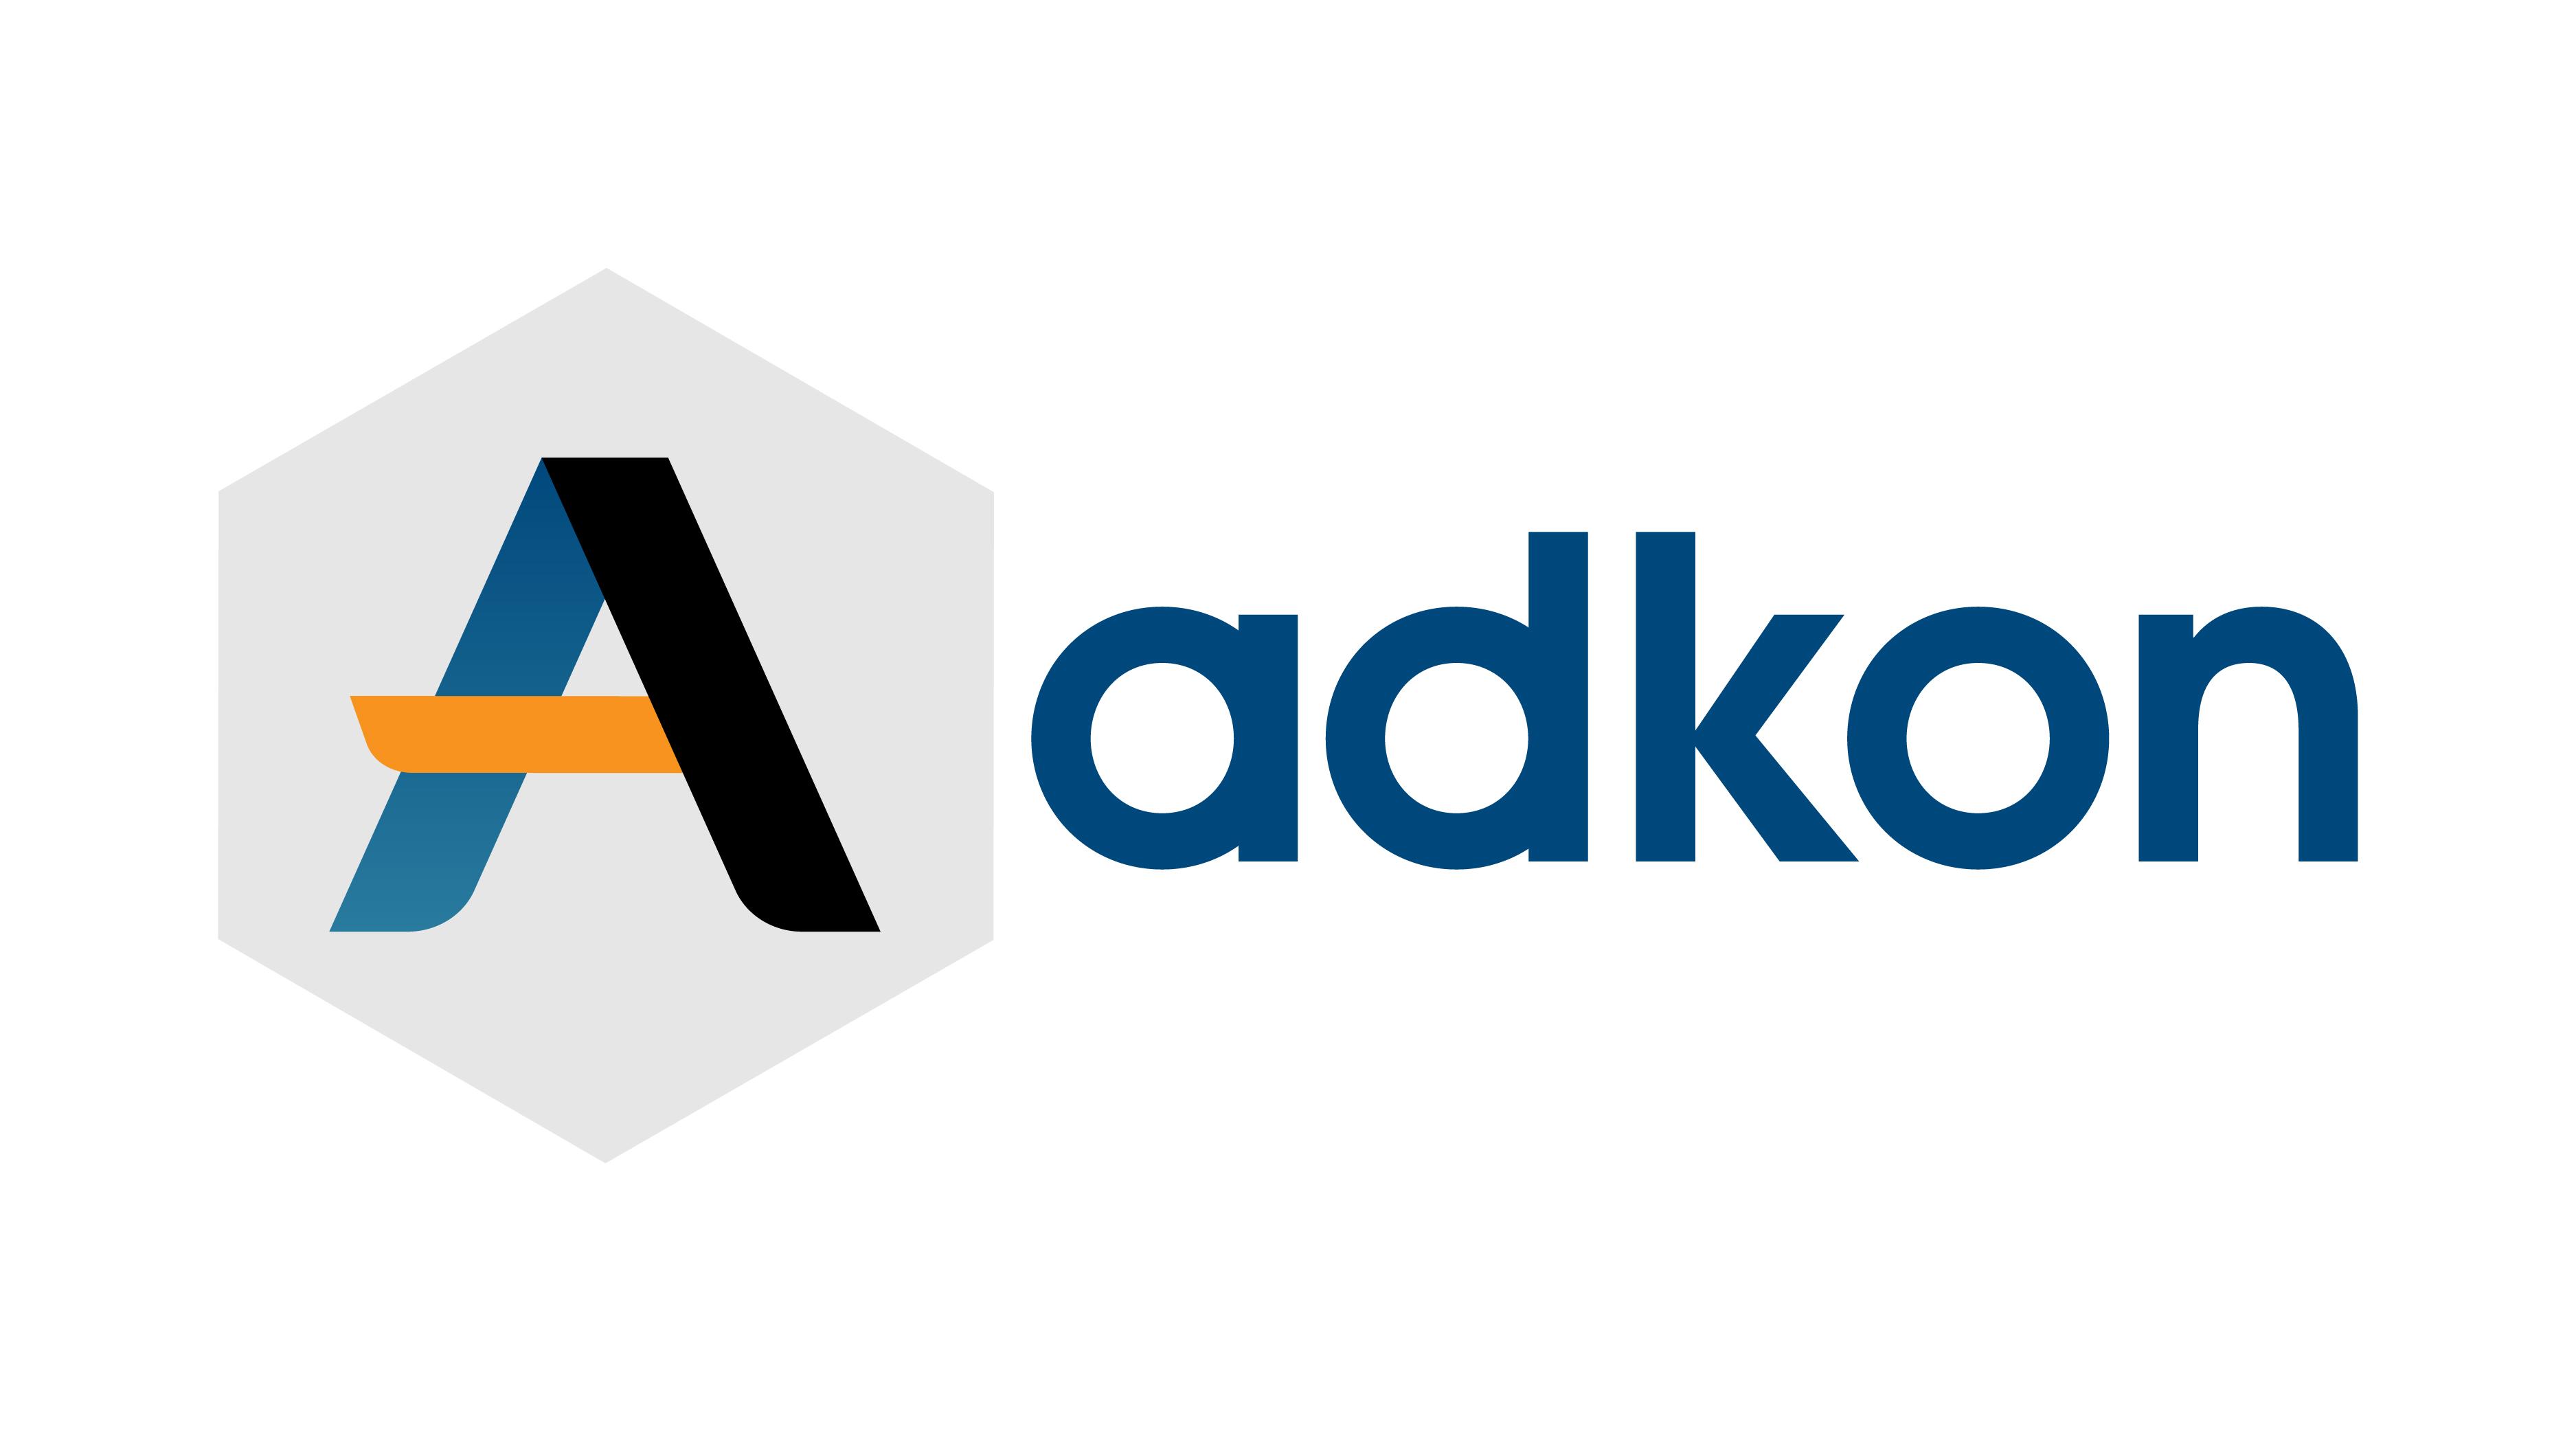 Разработка логотипа для компании фото f_9035967cf81e4f1a.jpg